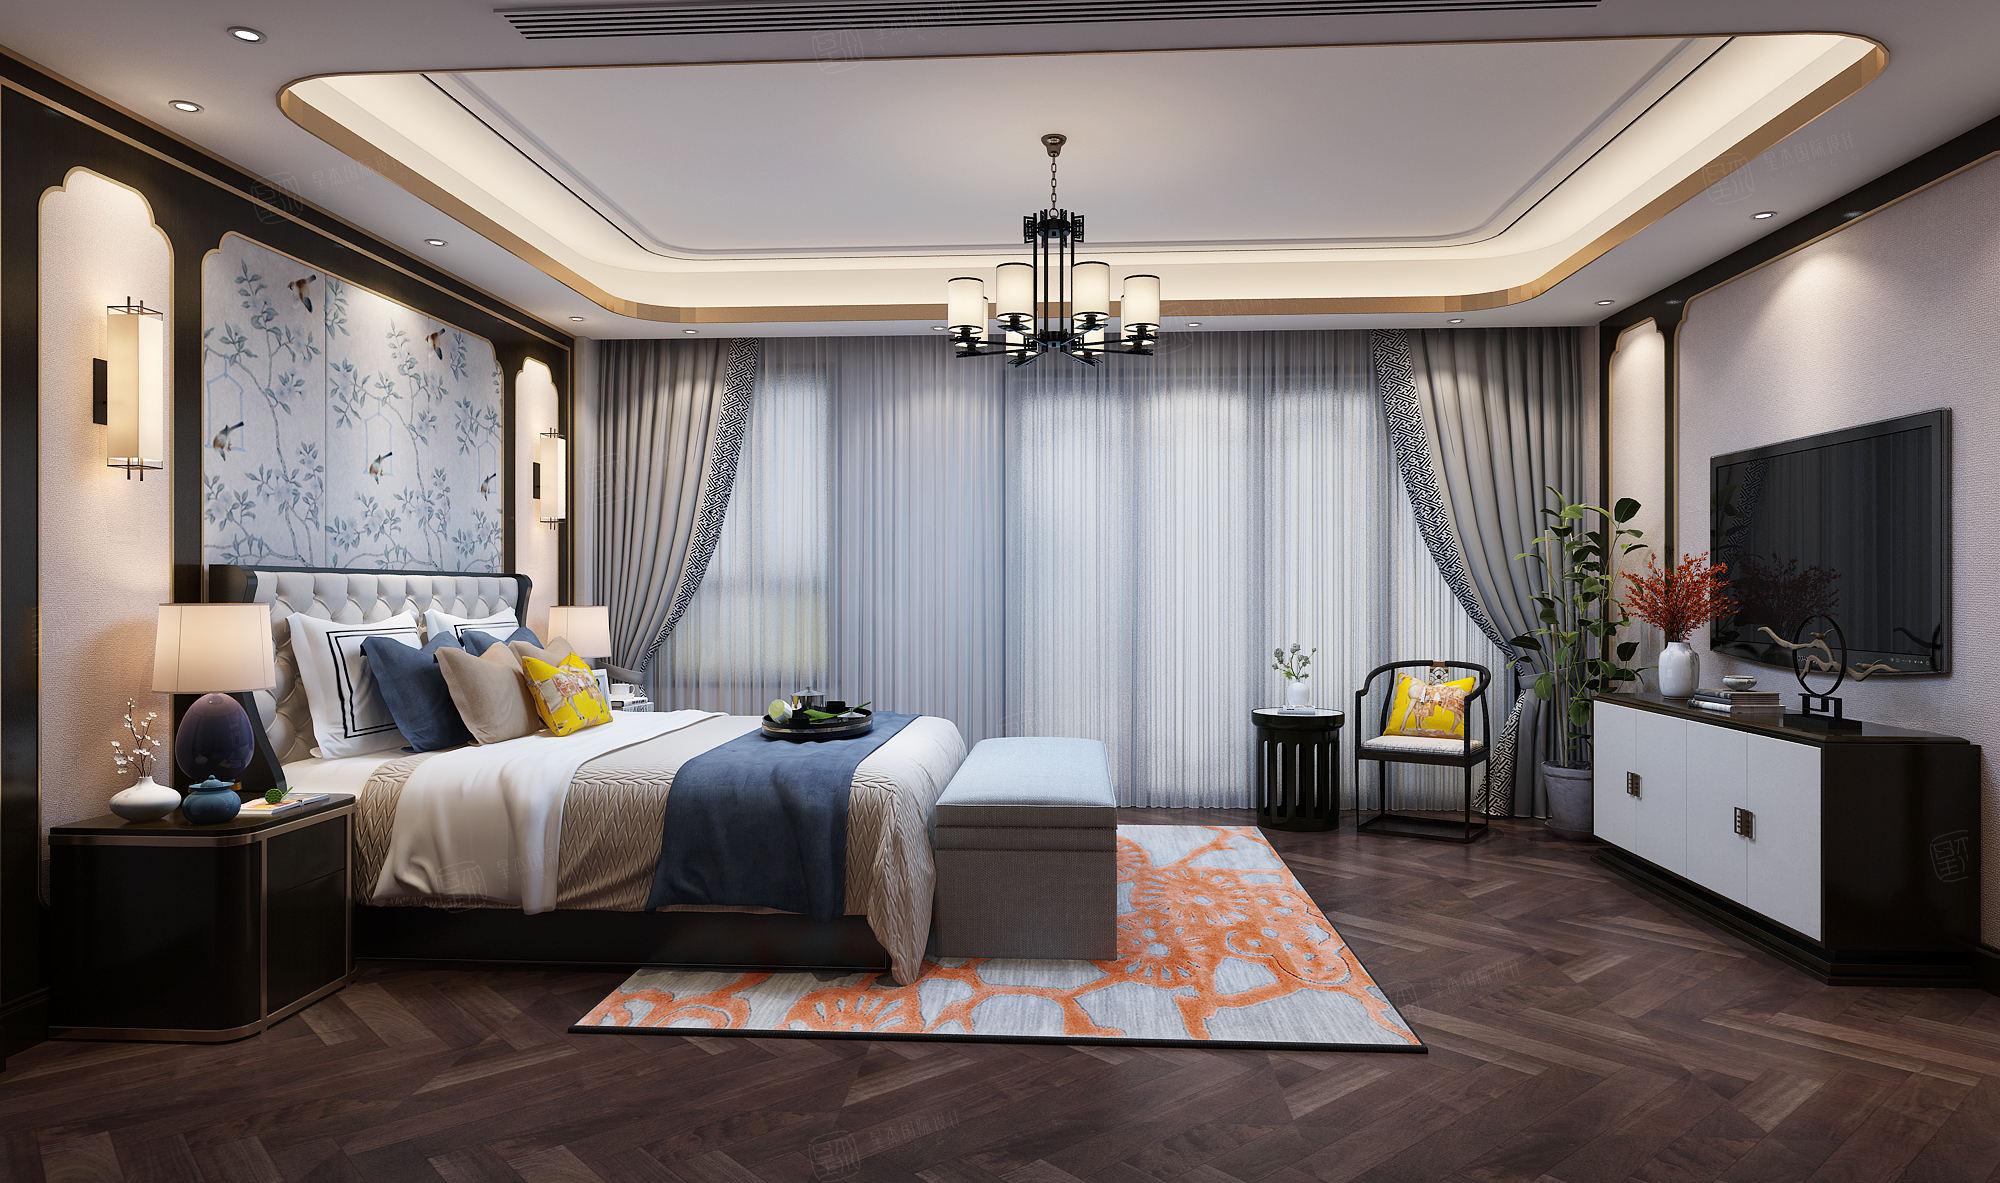 新弘墅园 新中式装修卧室效果图